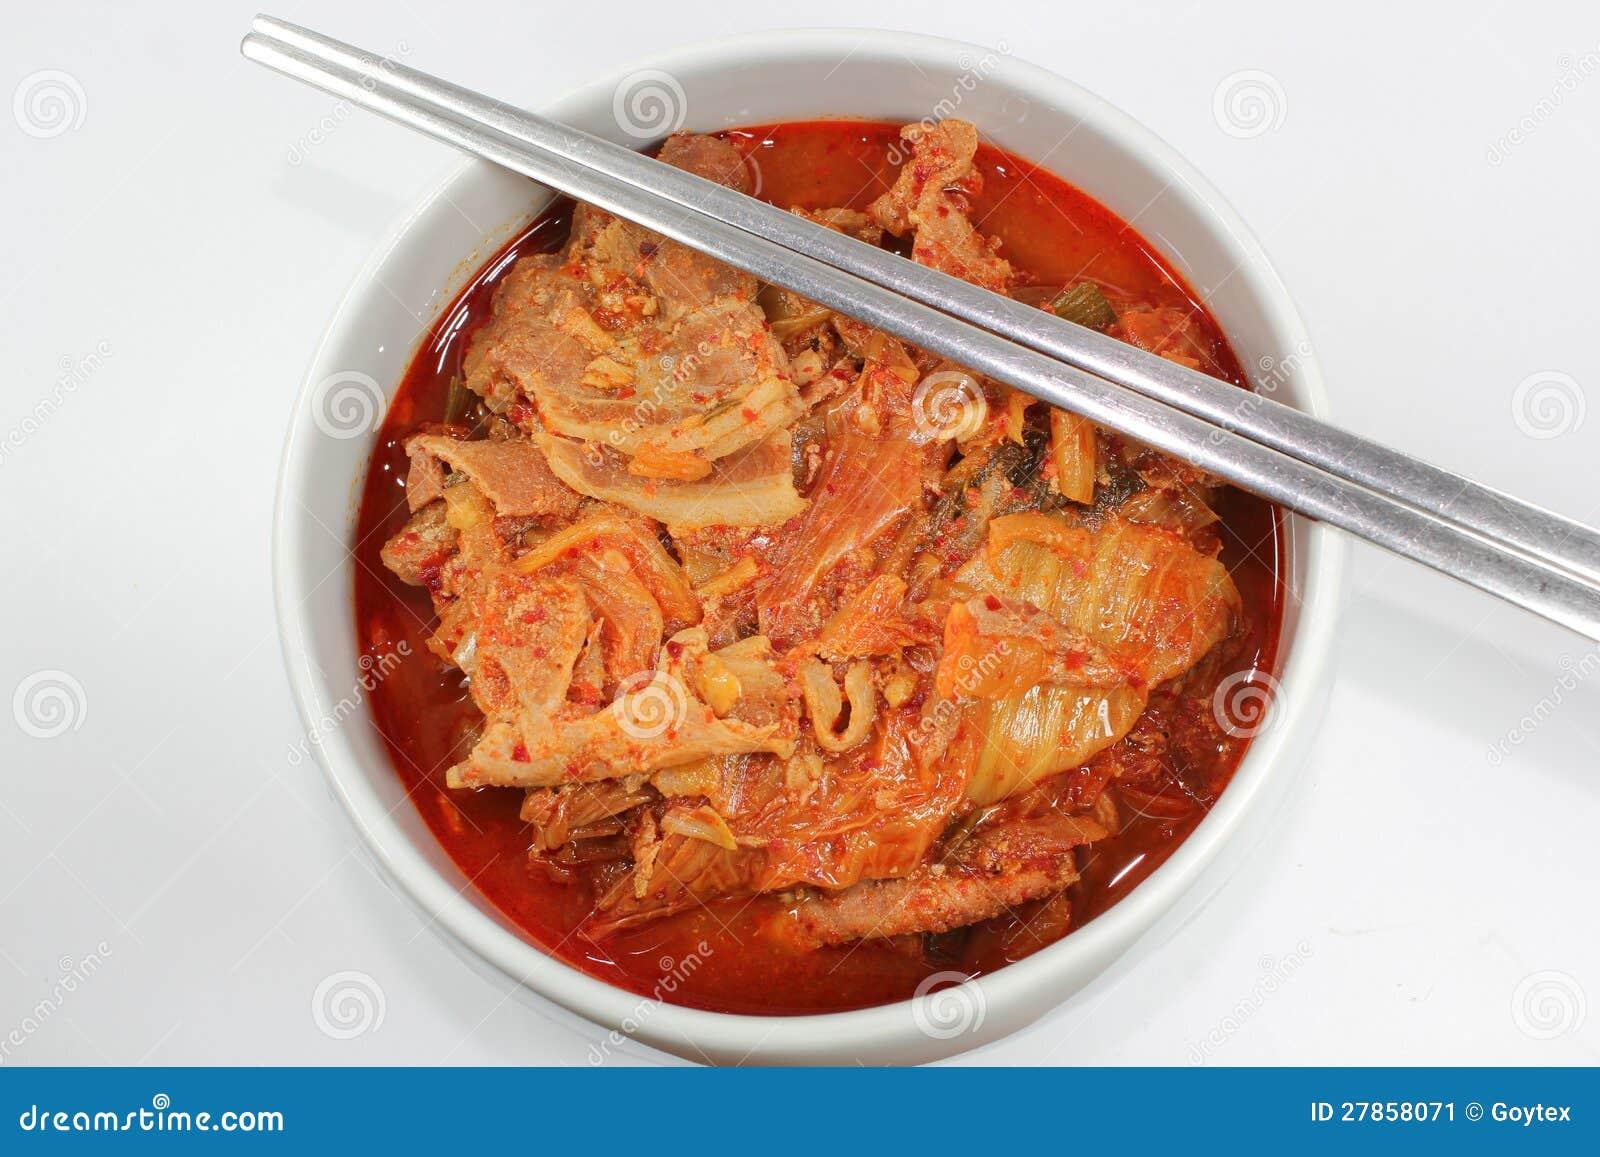 Korea kimchi chigae